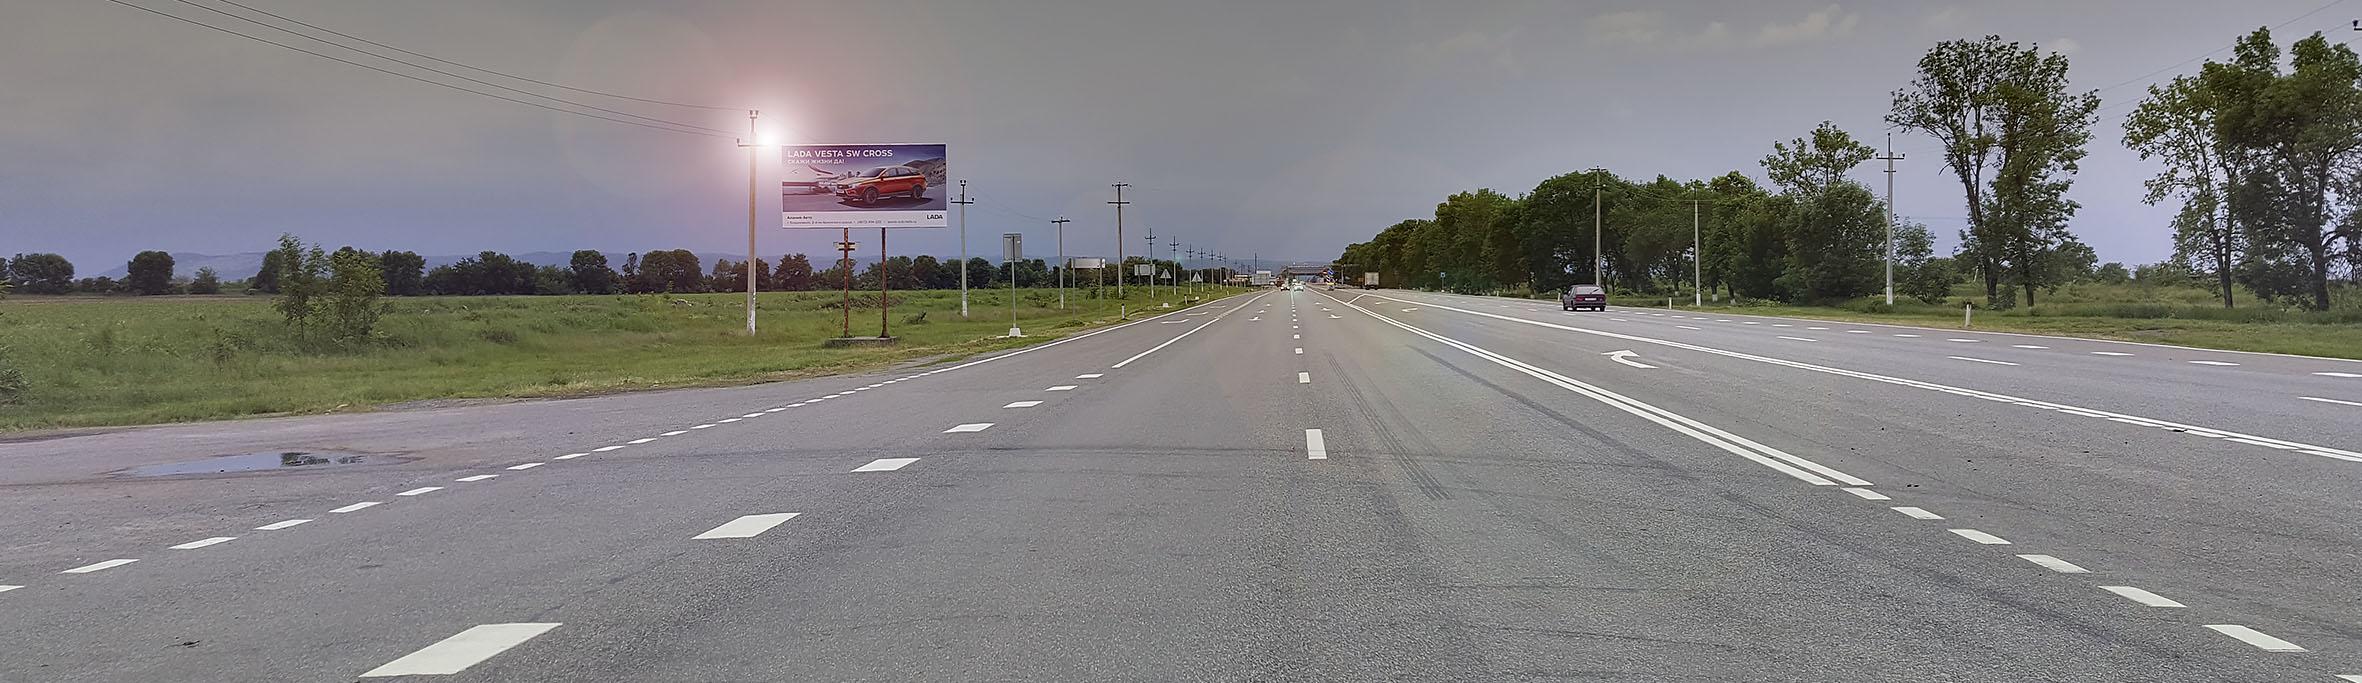 Реклама на билбордах в населенных пунктах РСО-Алания щиты